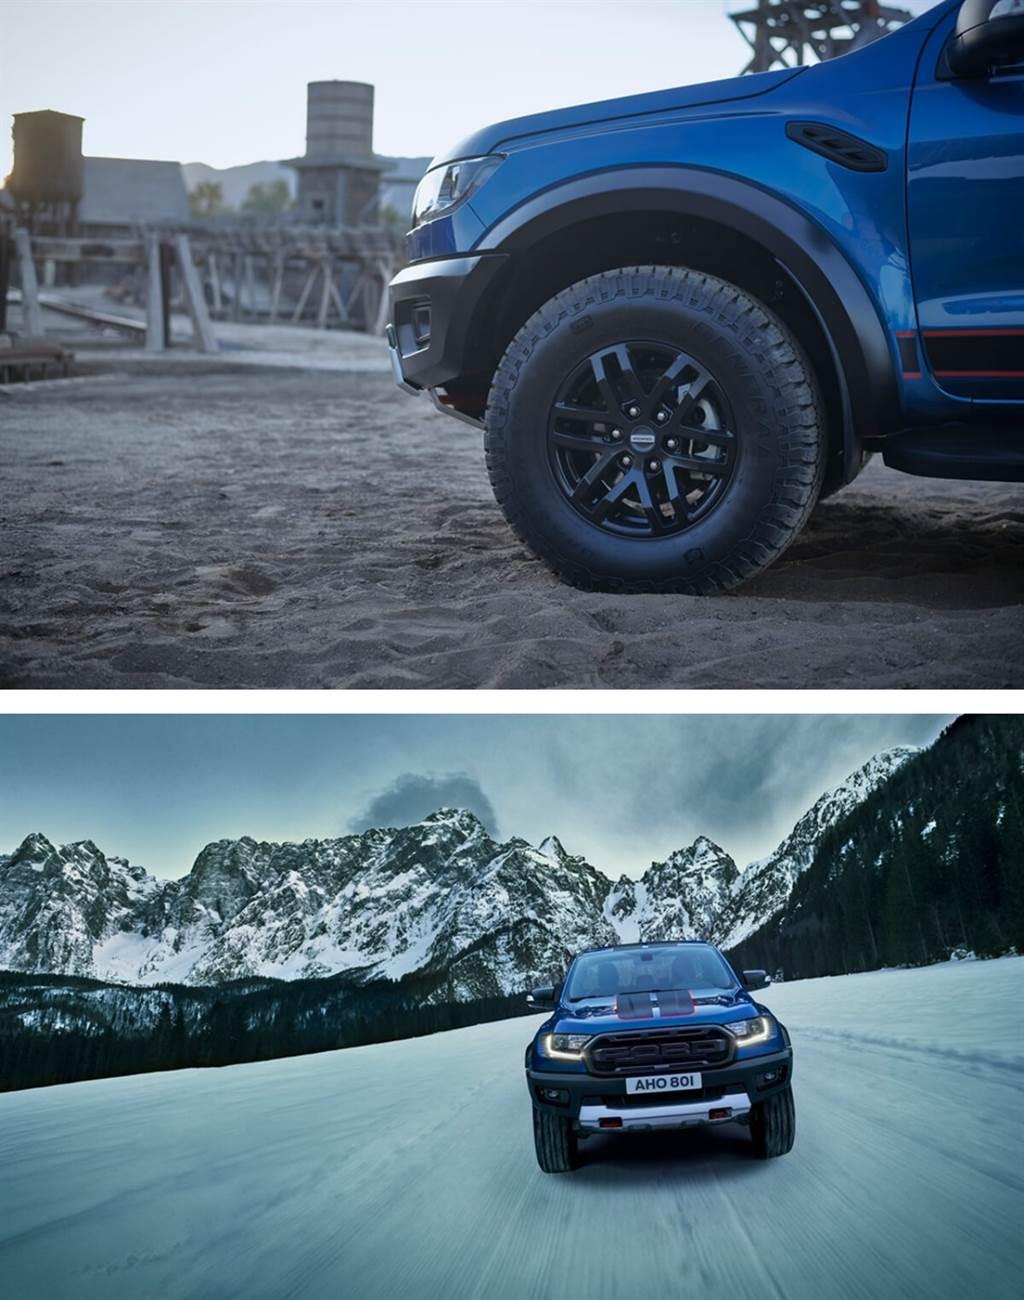 Ford推出最高性能Ranger Raptor特別版皮卡